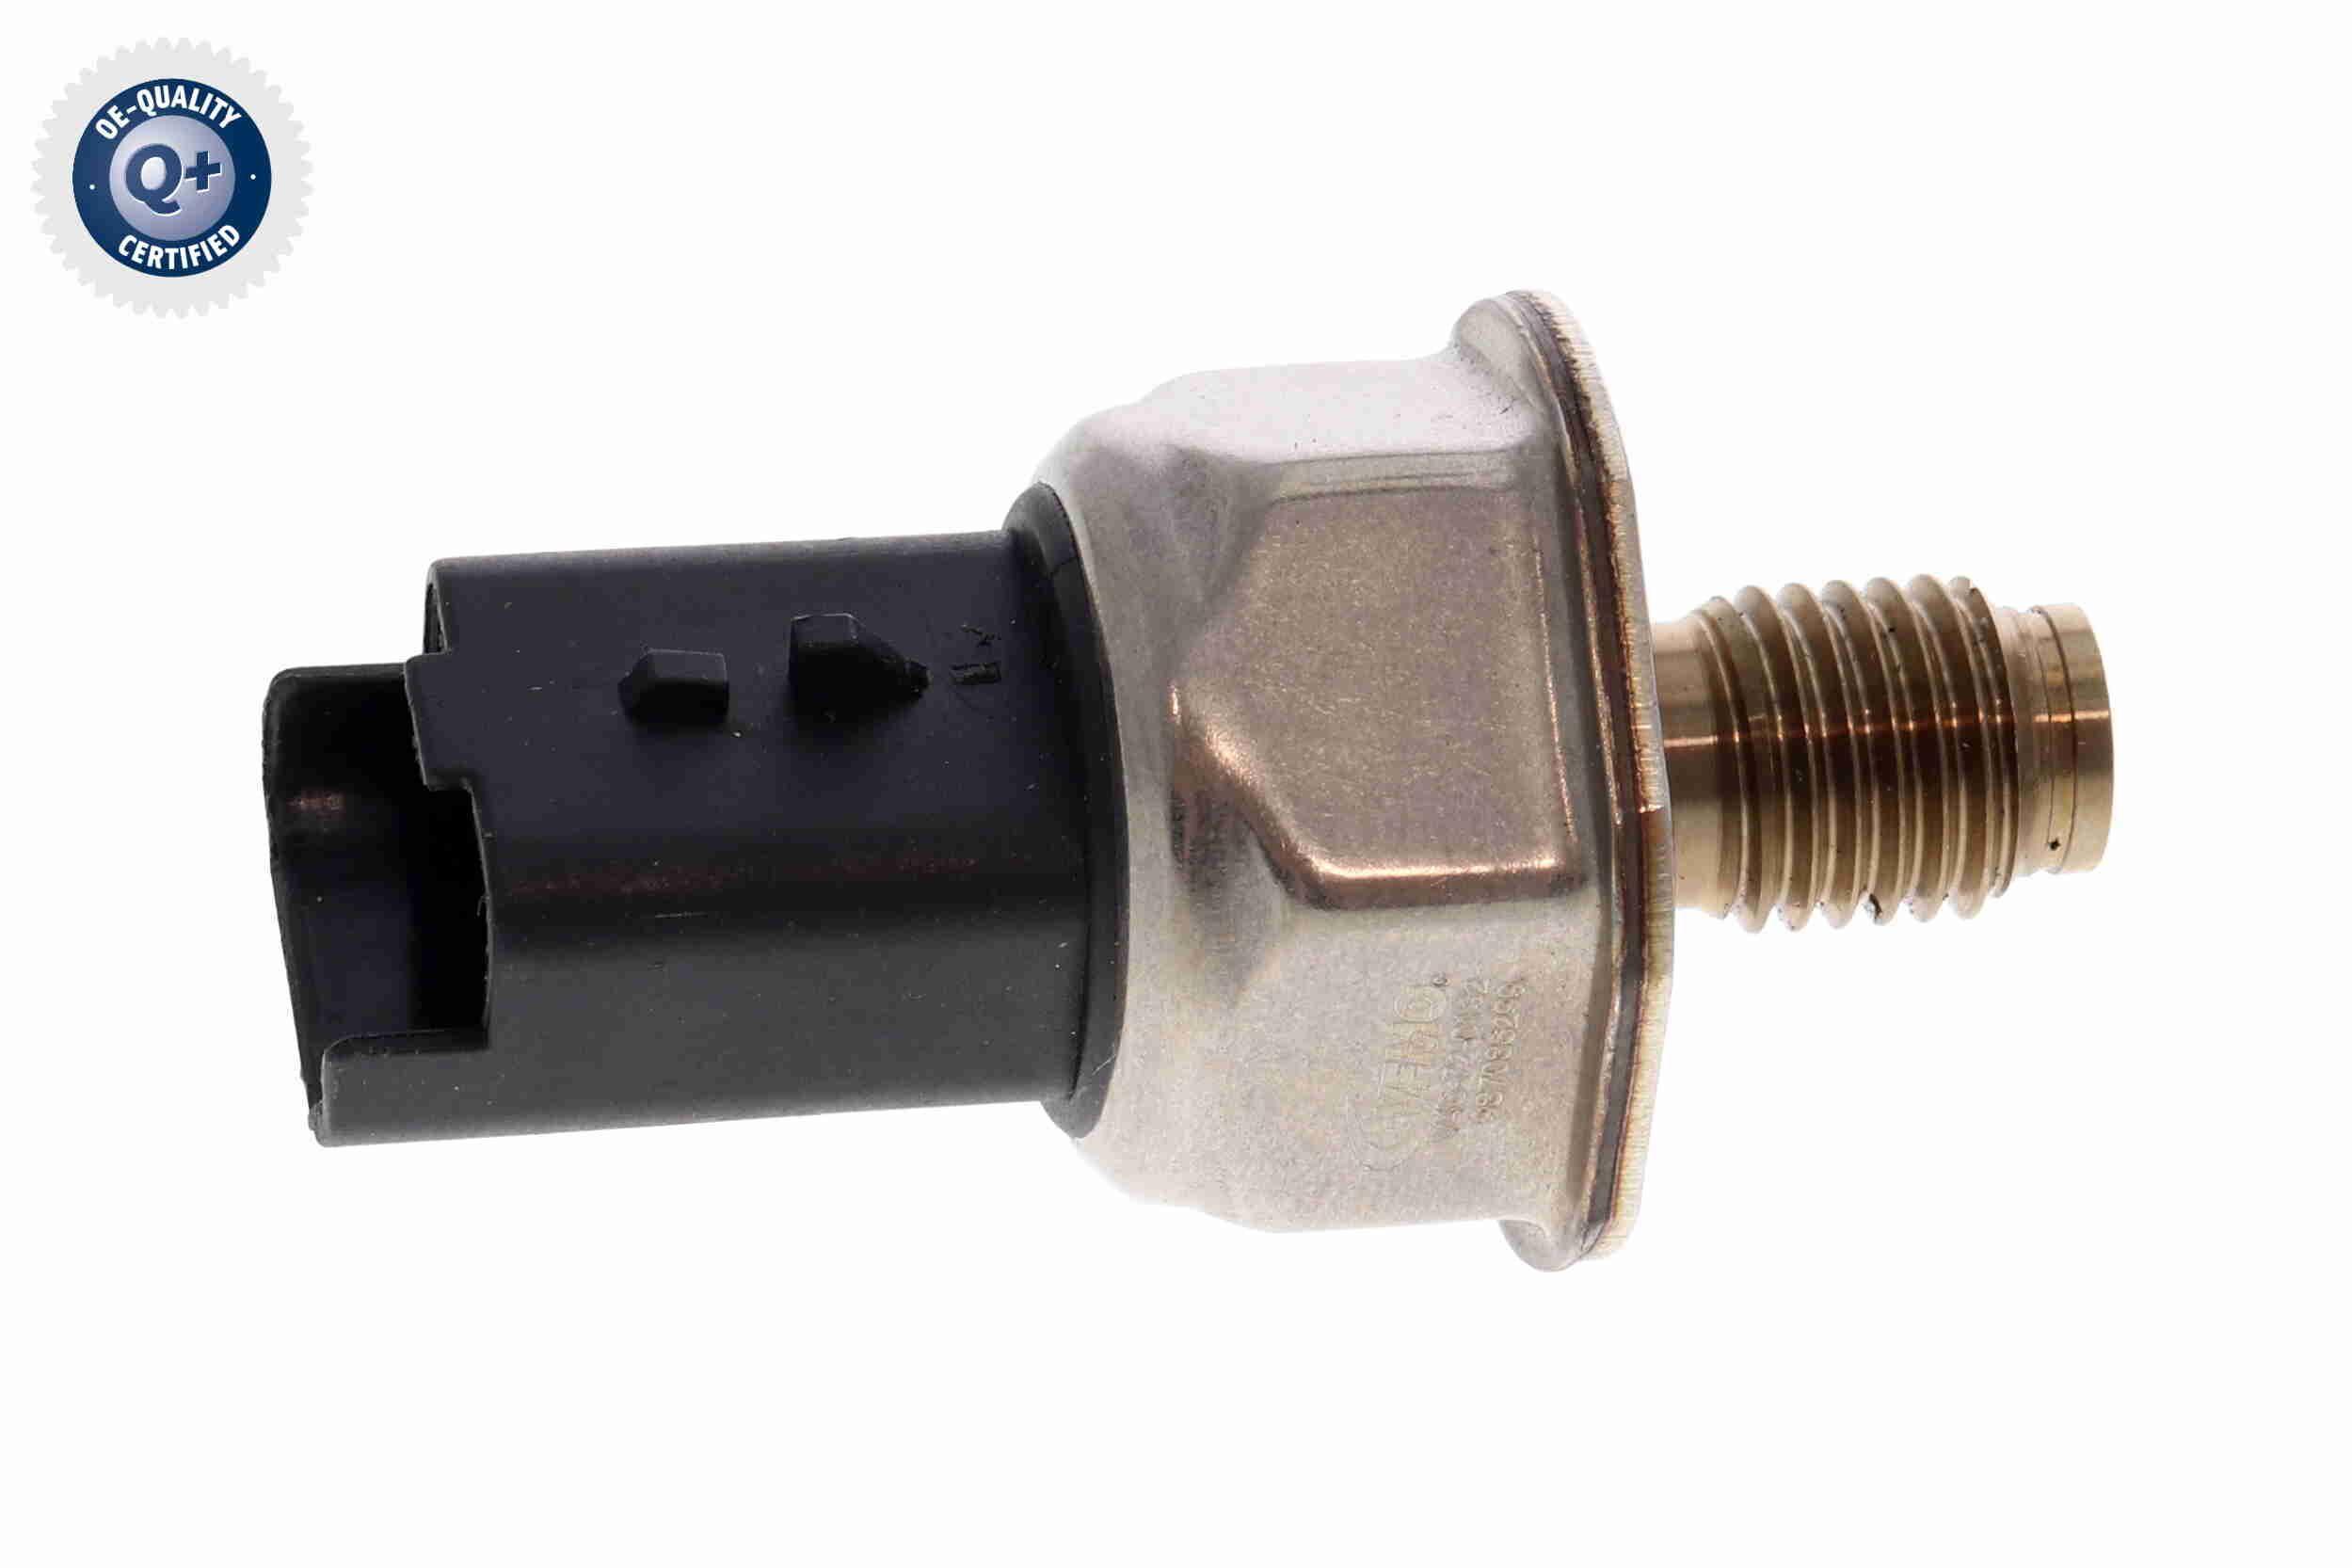 Kfz-Teile und Zubehör für Ford Mondeo bwy Bj 2007: Sensor, Kraftstoffdruck V46-72-0132